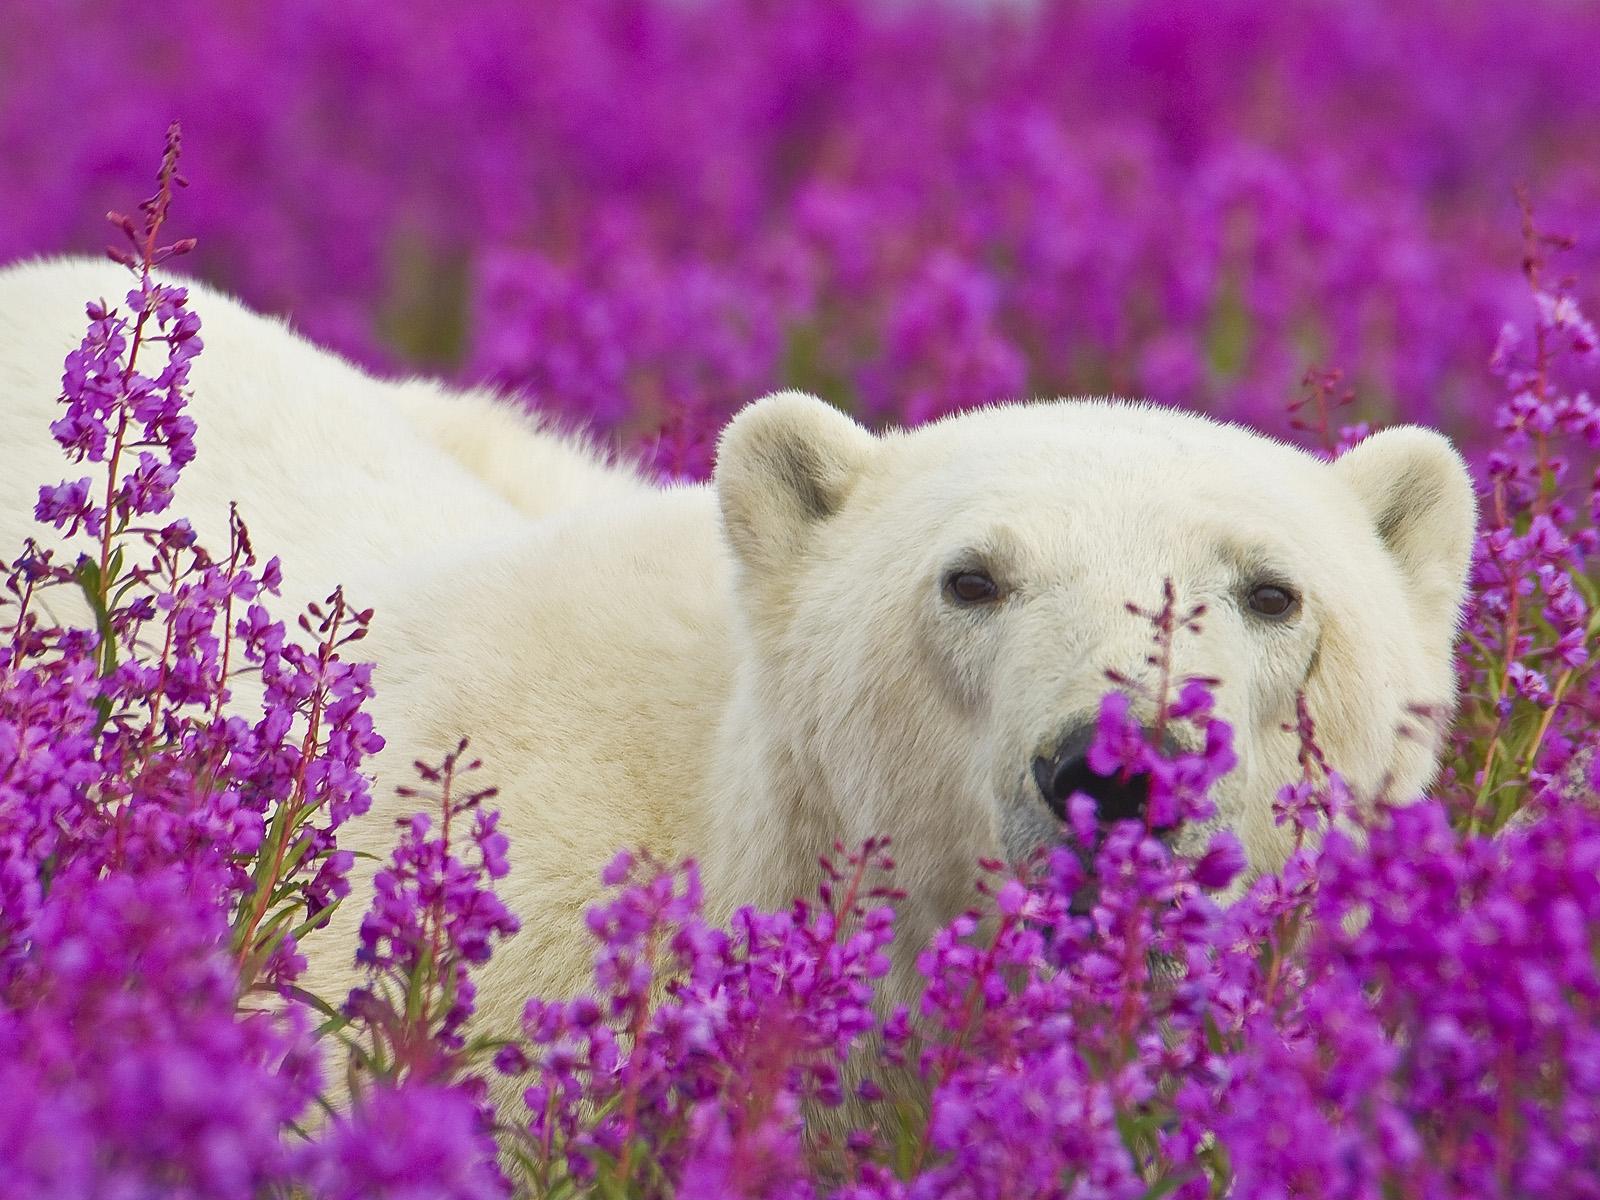 The Cutest Polar Bear You've Ever Seen! Boom! 2